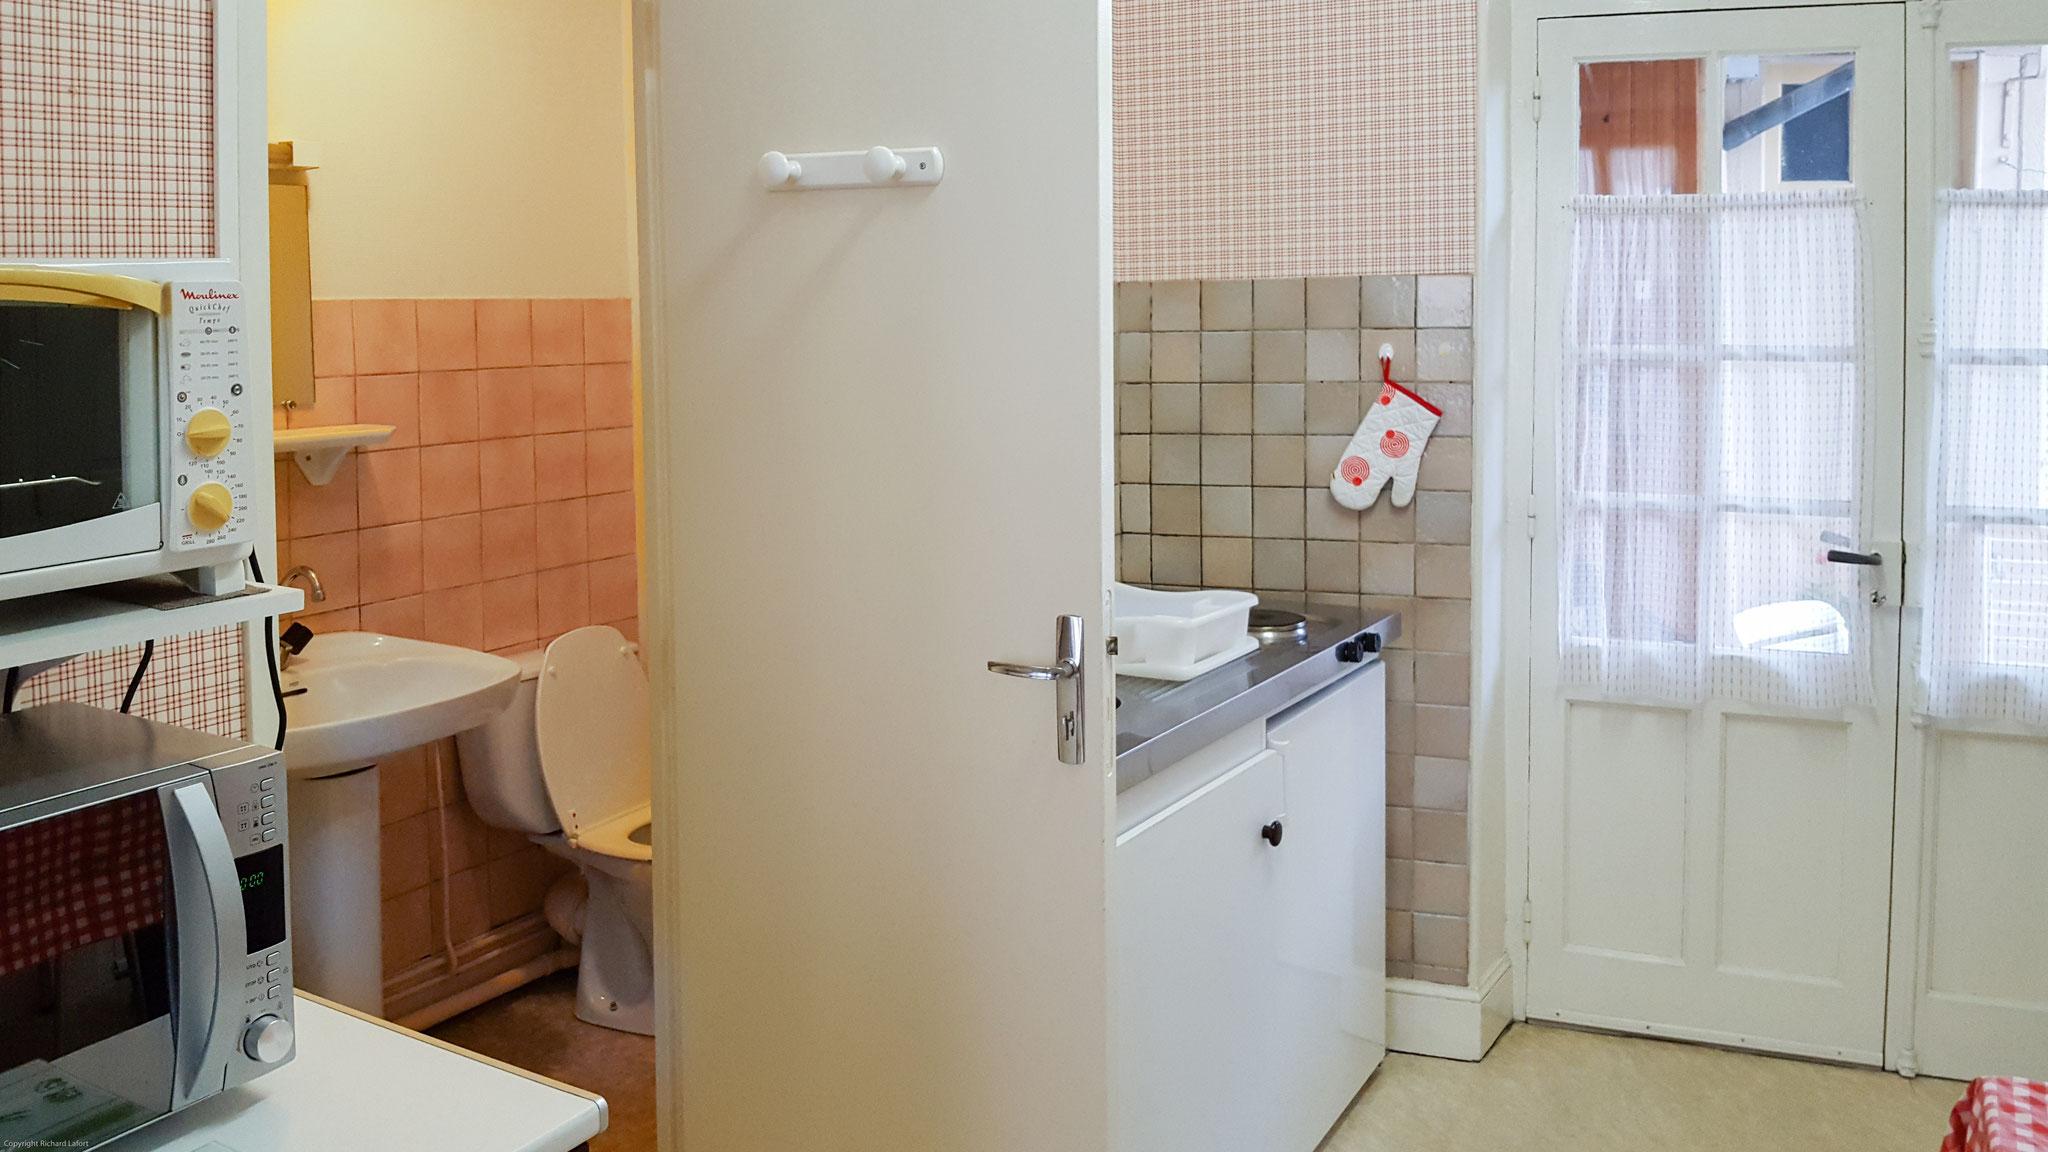 SALLE D'EAU AVEC LAVABO DOUCHE WC